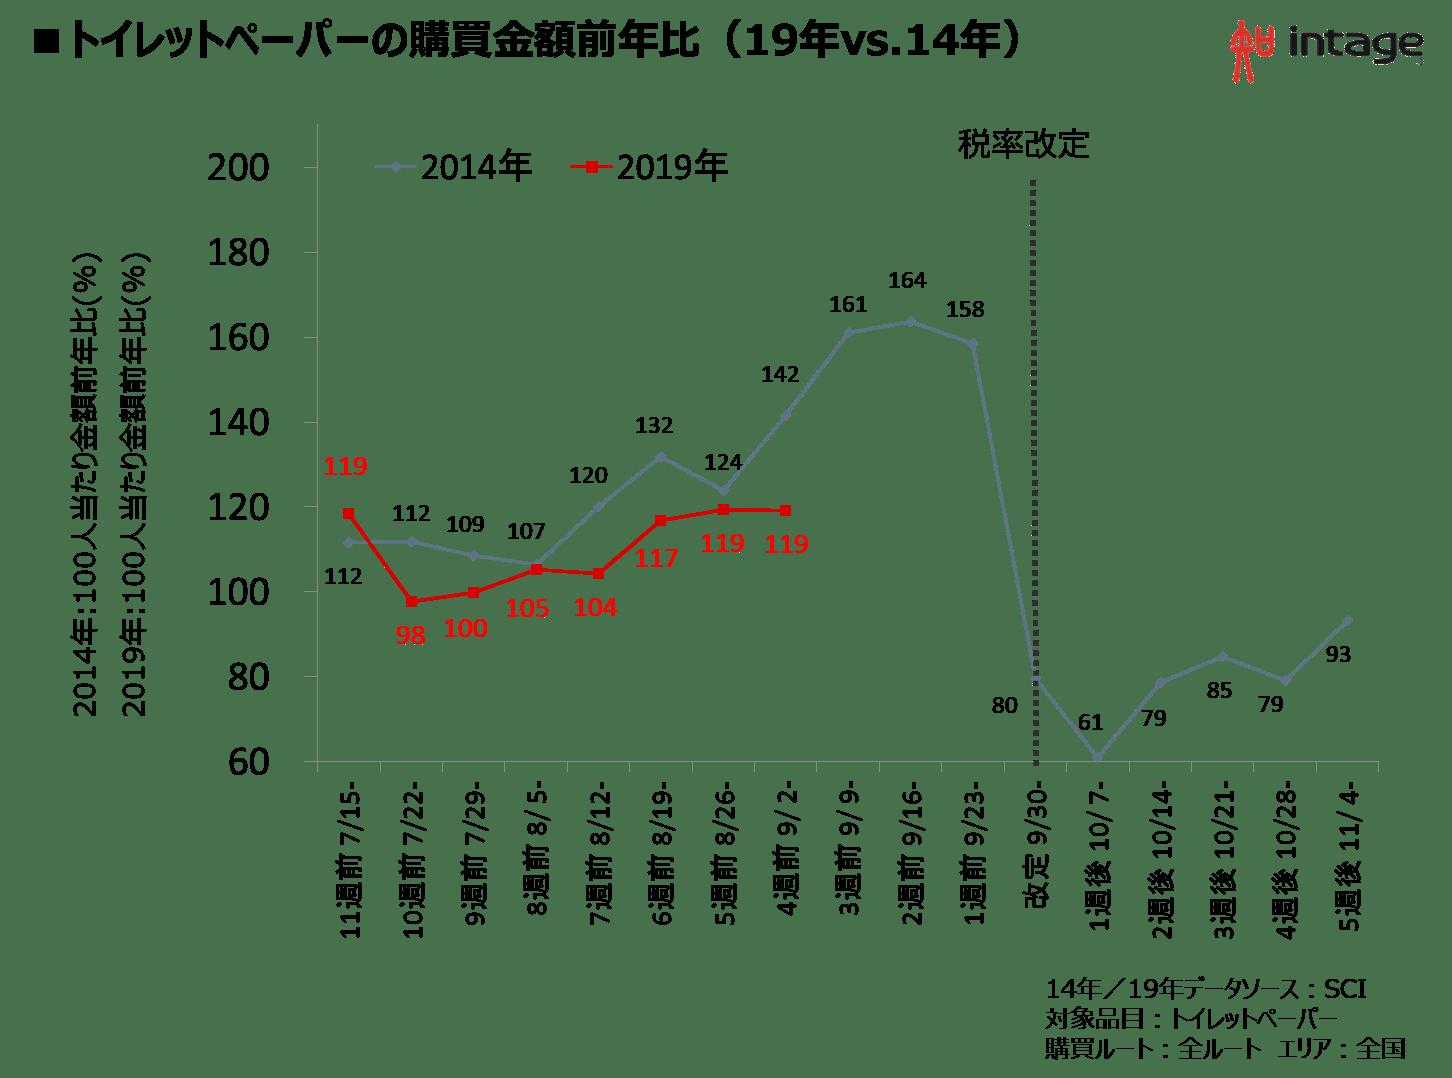 トイレットペーパーの購買金額前年比(19年vs.14年)